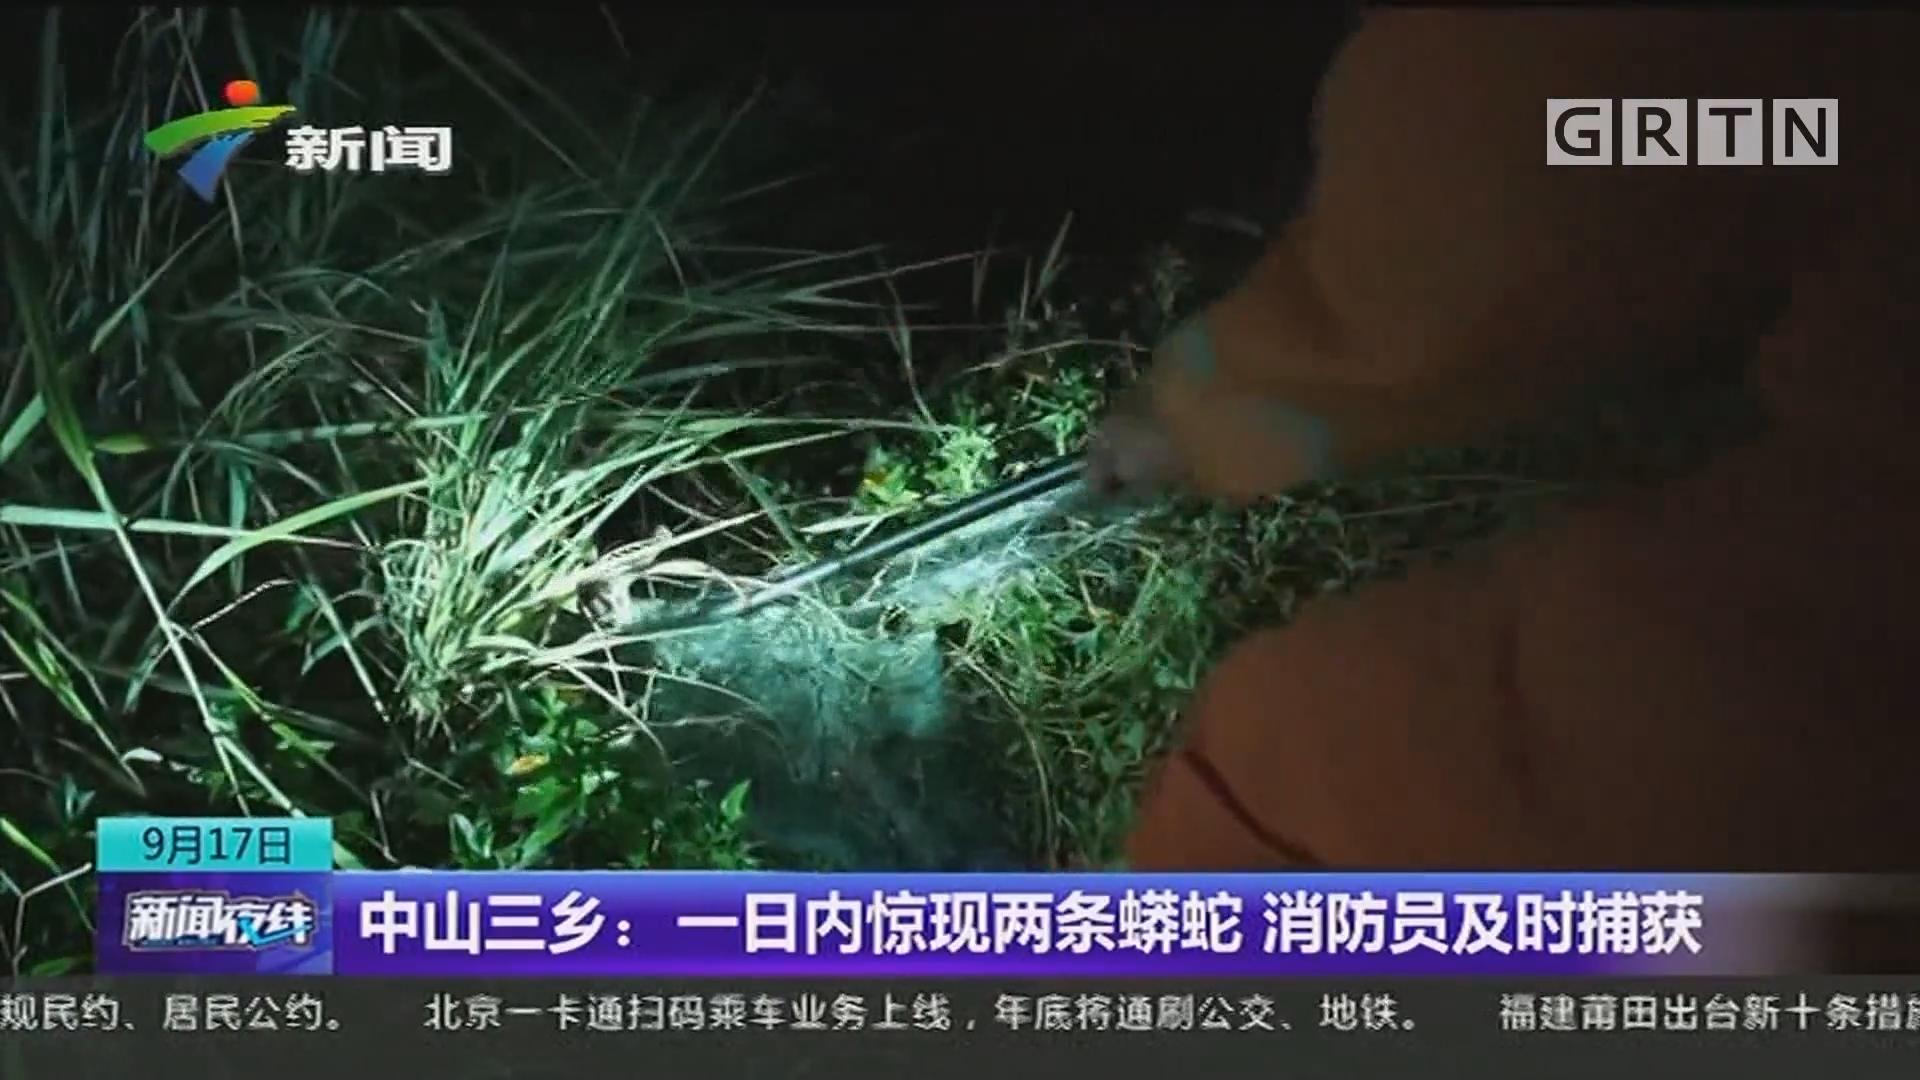 中山三乡:一日内惊现两条蟒蛇 消防员及时捕获